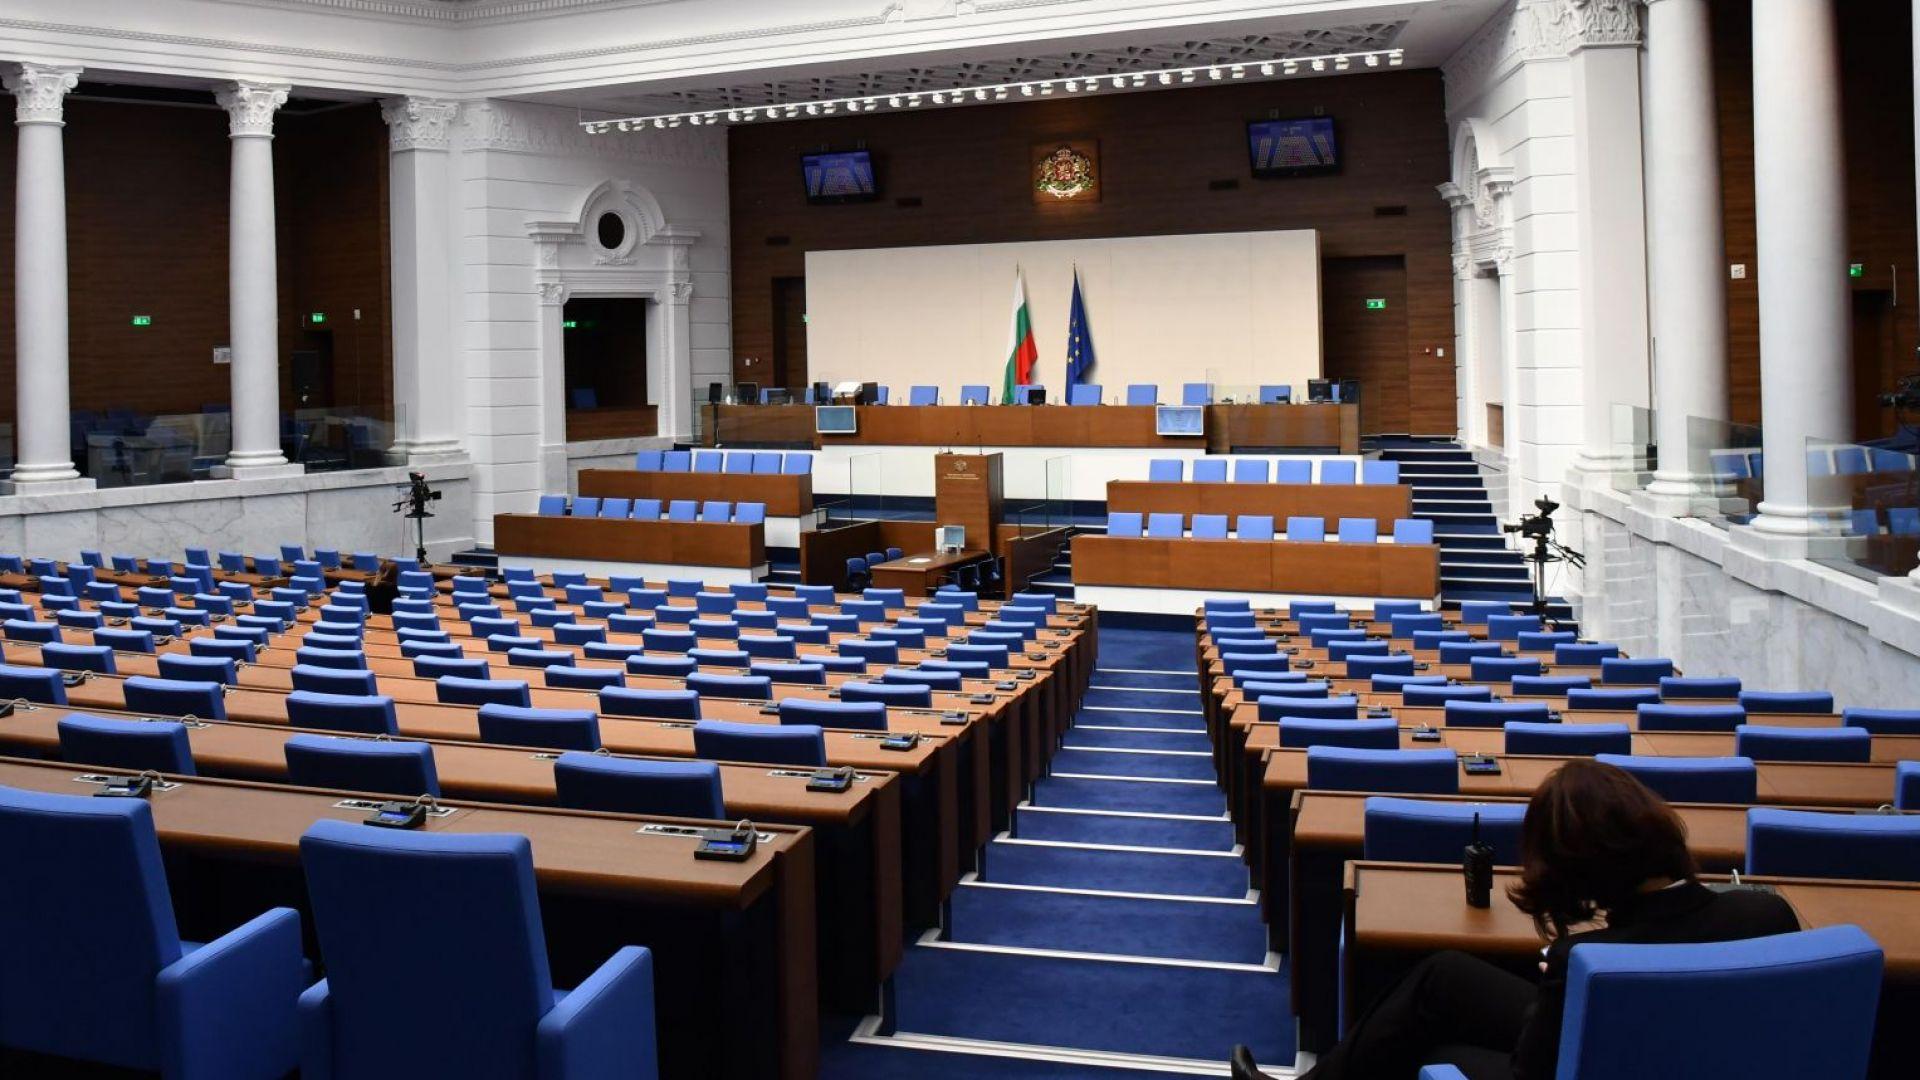 Държавен вестник публикува резултата от изборите за 45-ото Народно събрание